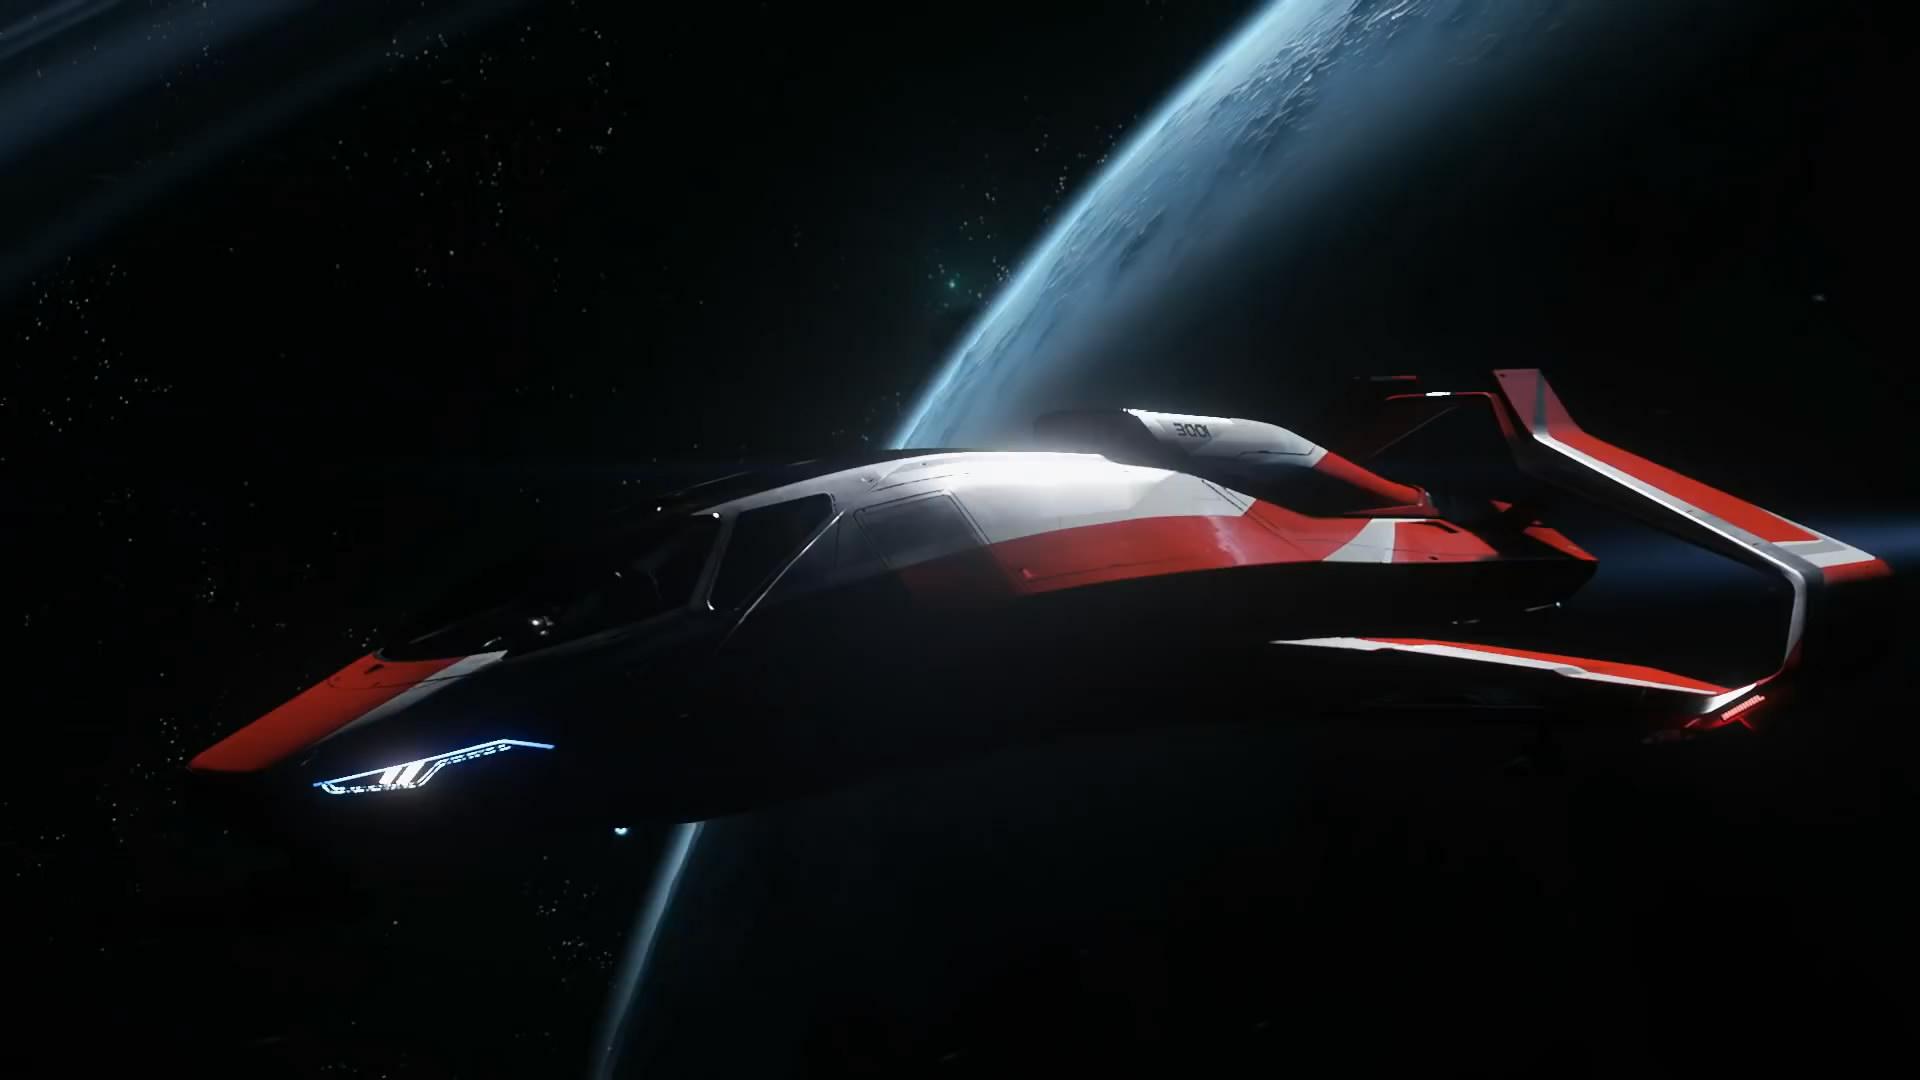 《星际公民》新视频公布 众筹金额突破2.27亿美元